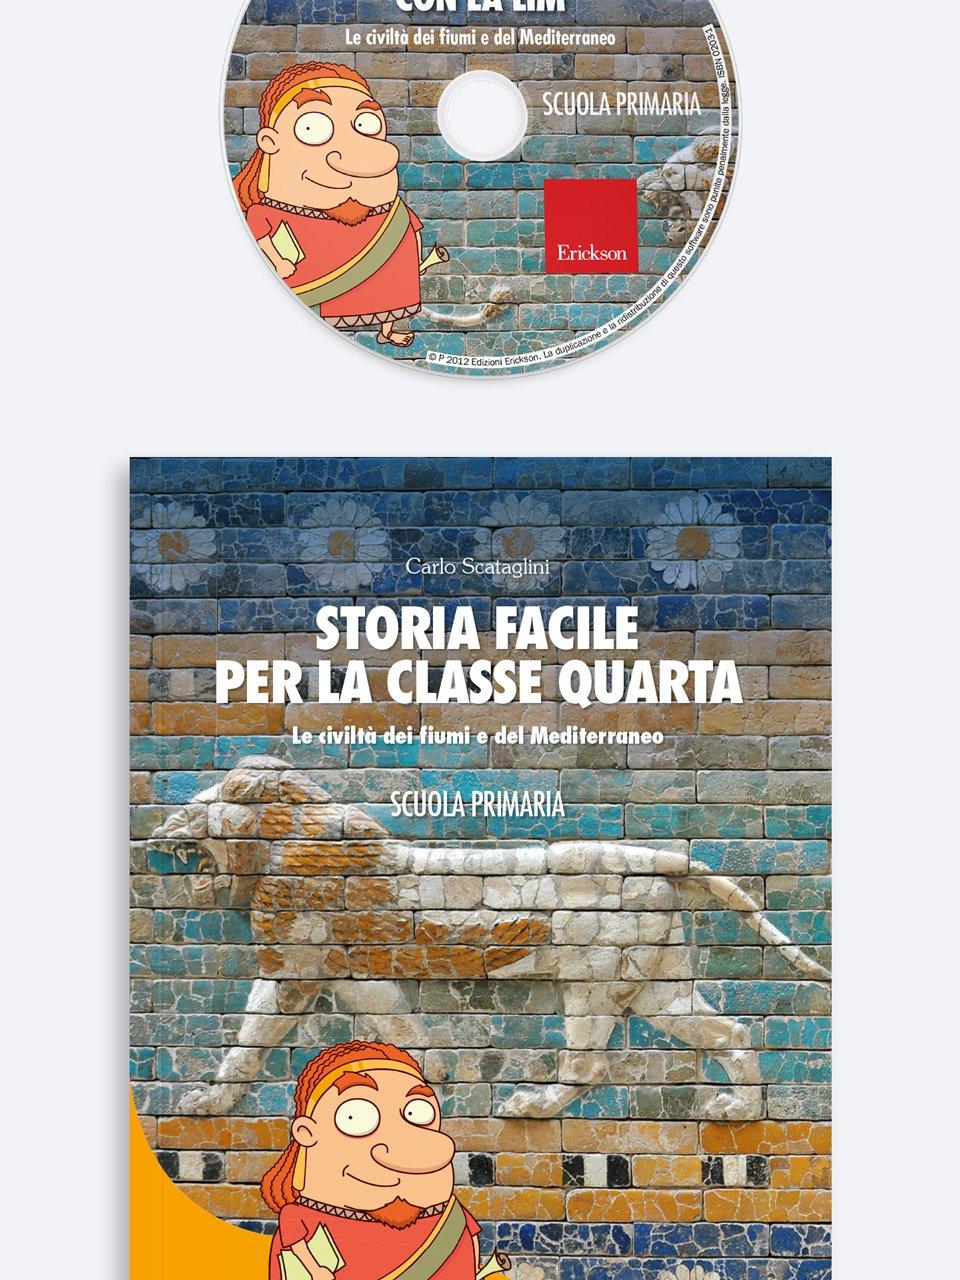 Storia facile per la classe quarta - Storia facile per la classe quinta - Libri - App e software - Erickson 2